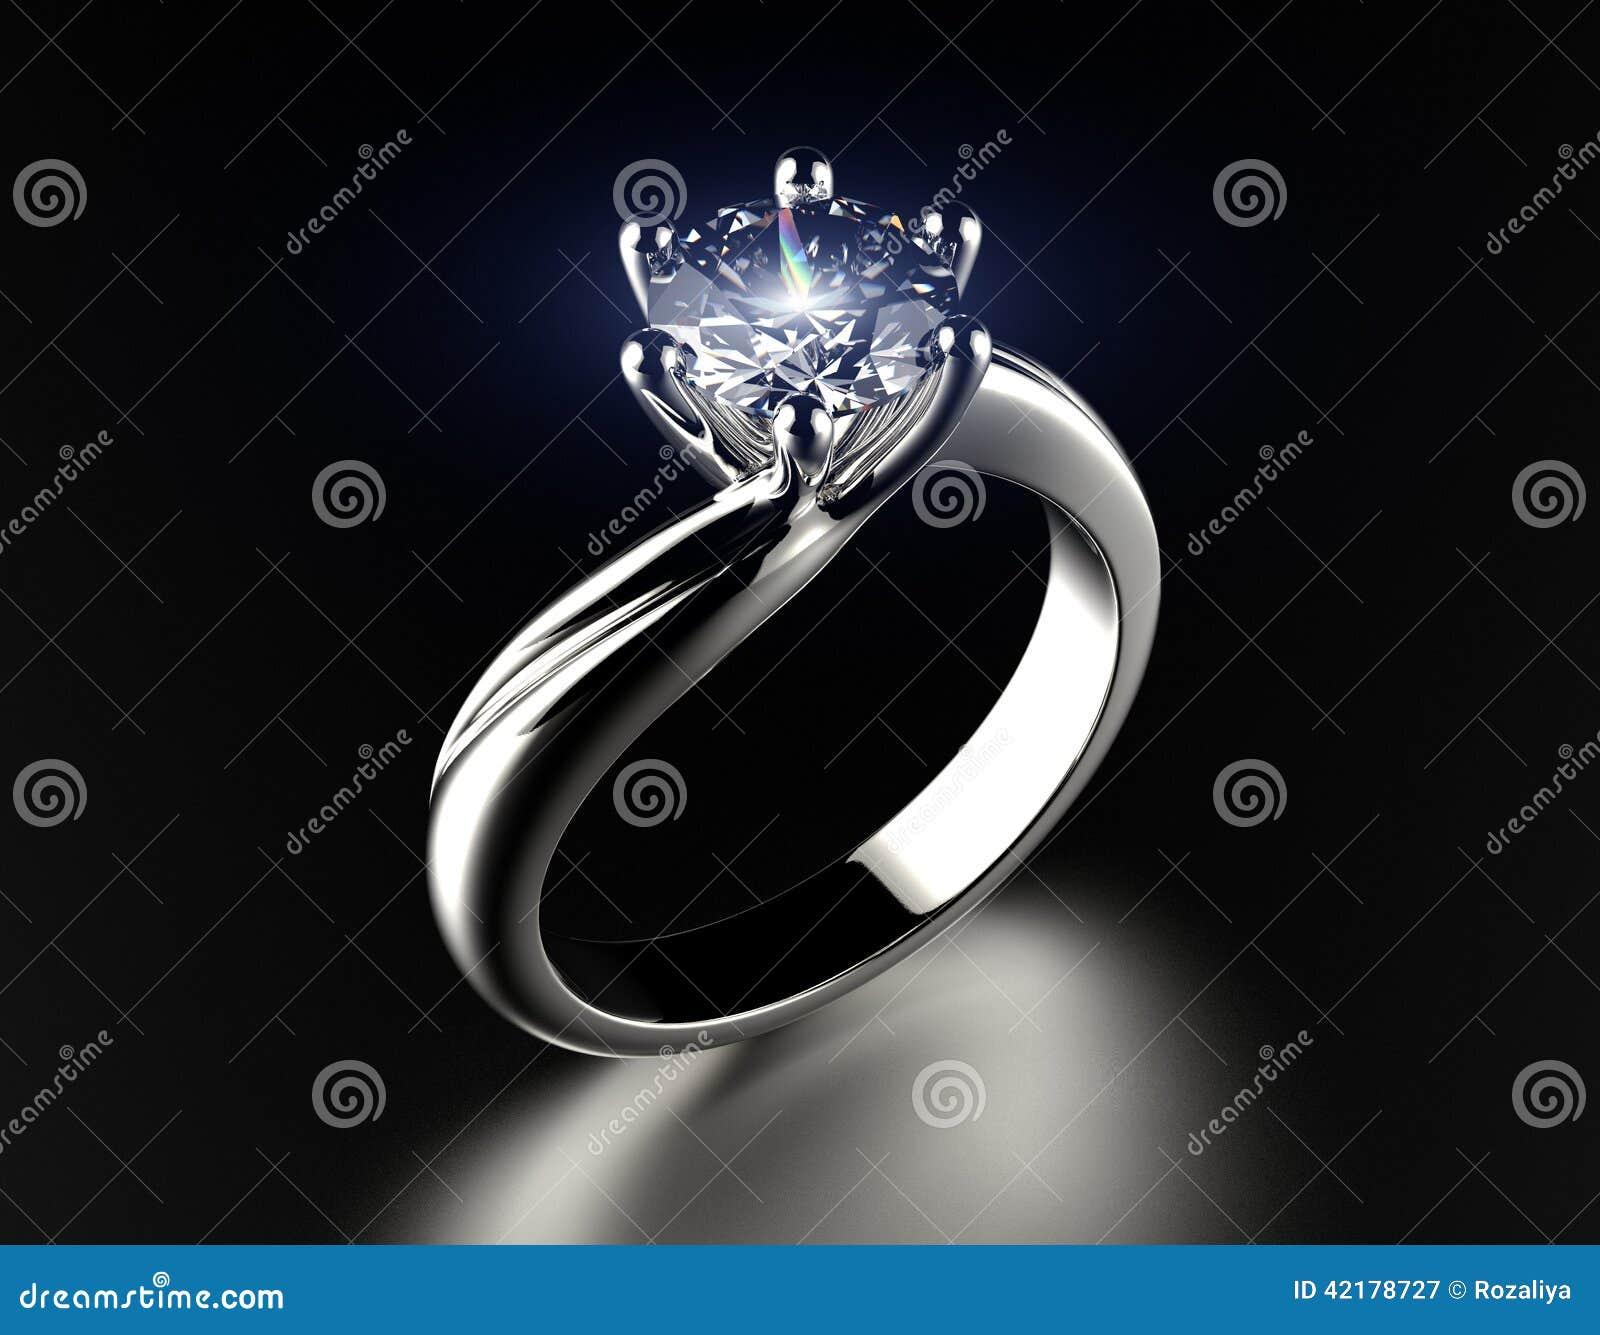 Goldener Verlobungsring Mit Diamanten Stockbild Bild Von Glitzern